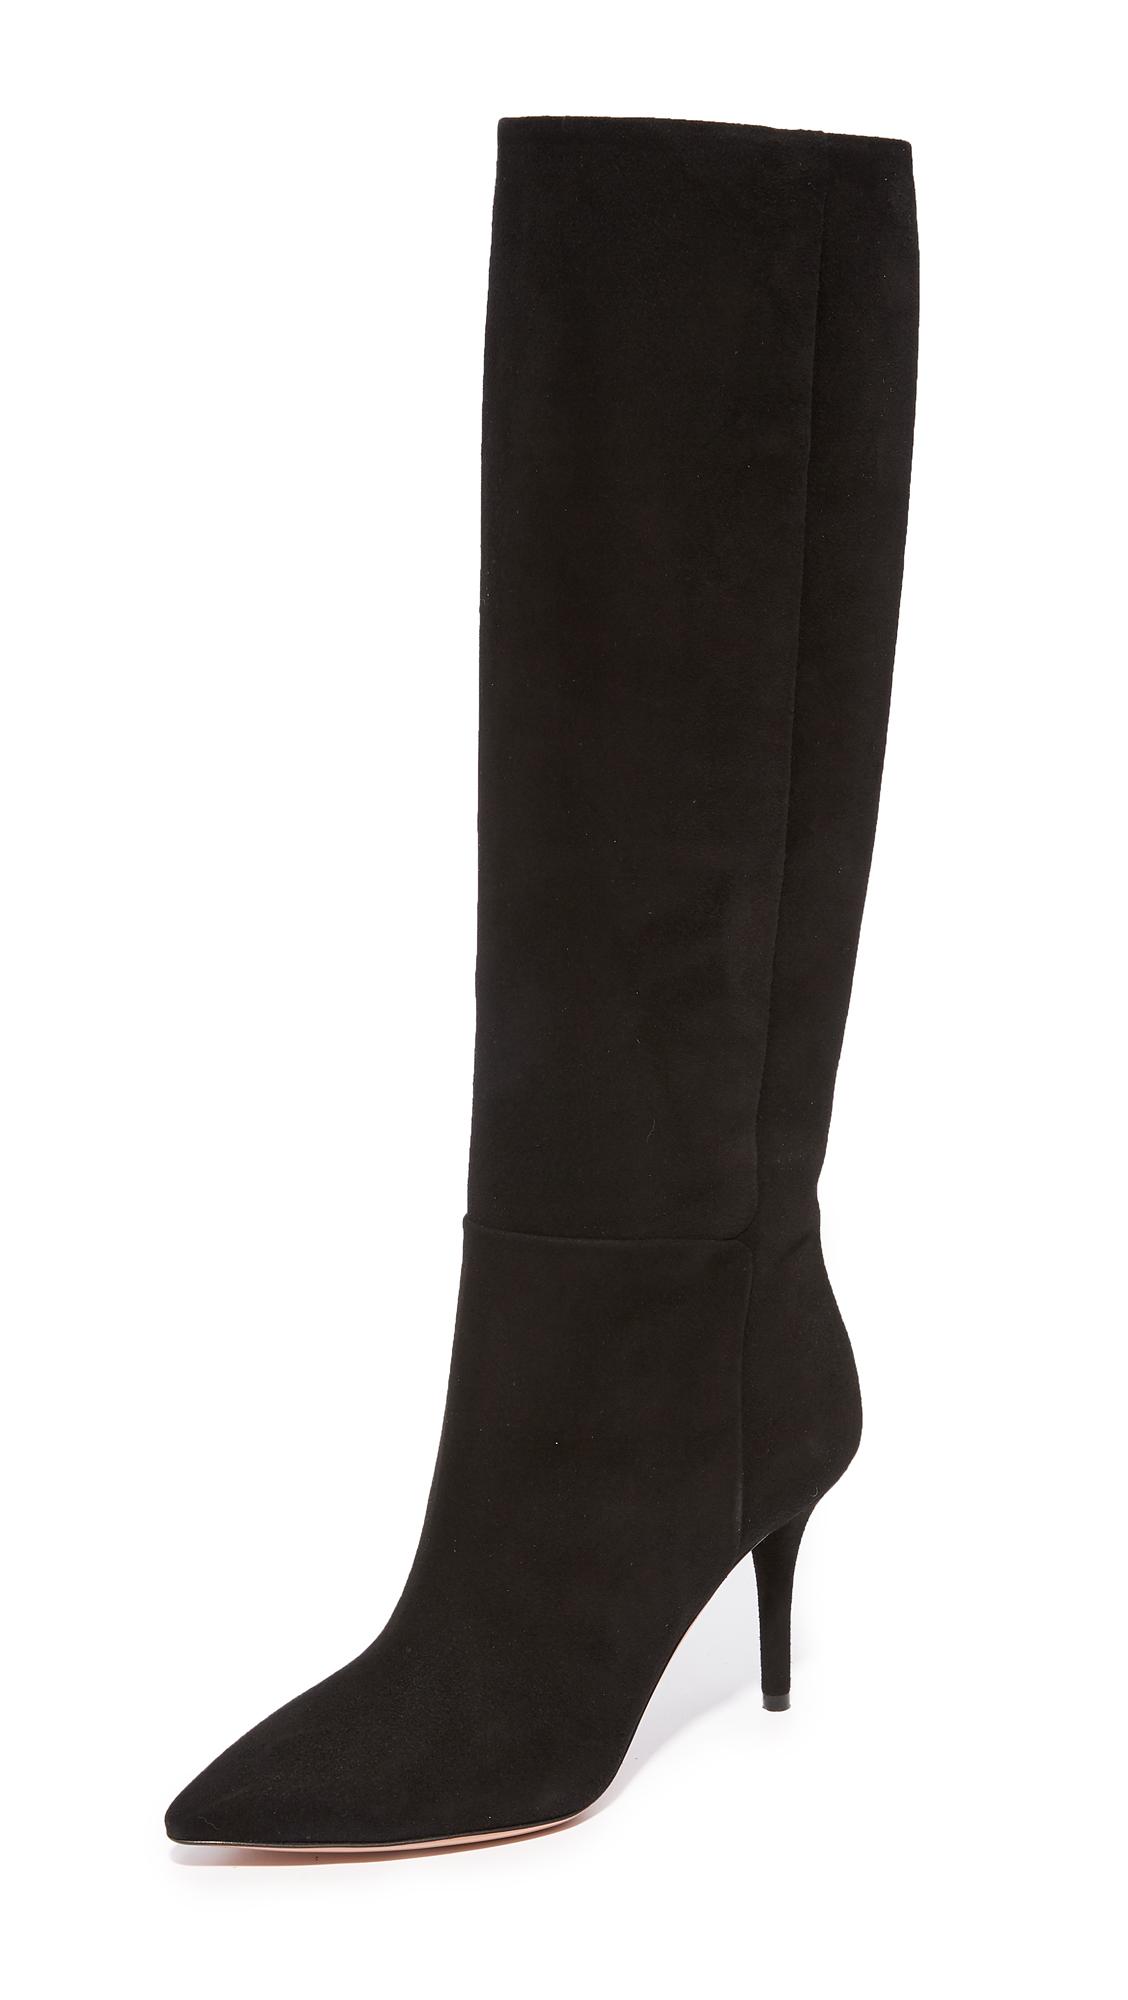 Aquazzura Quinn 85 Boots - Black